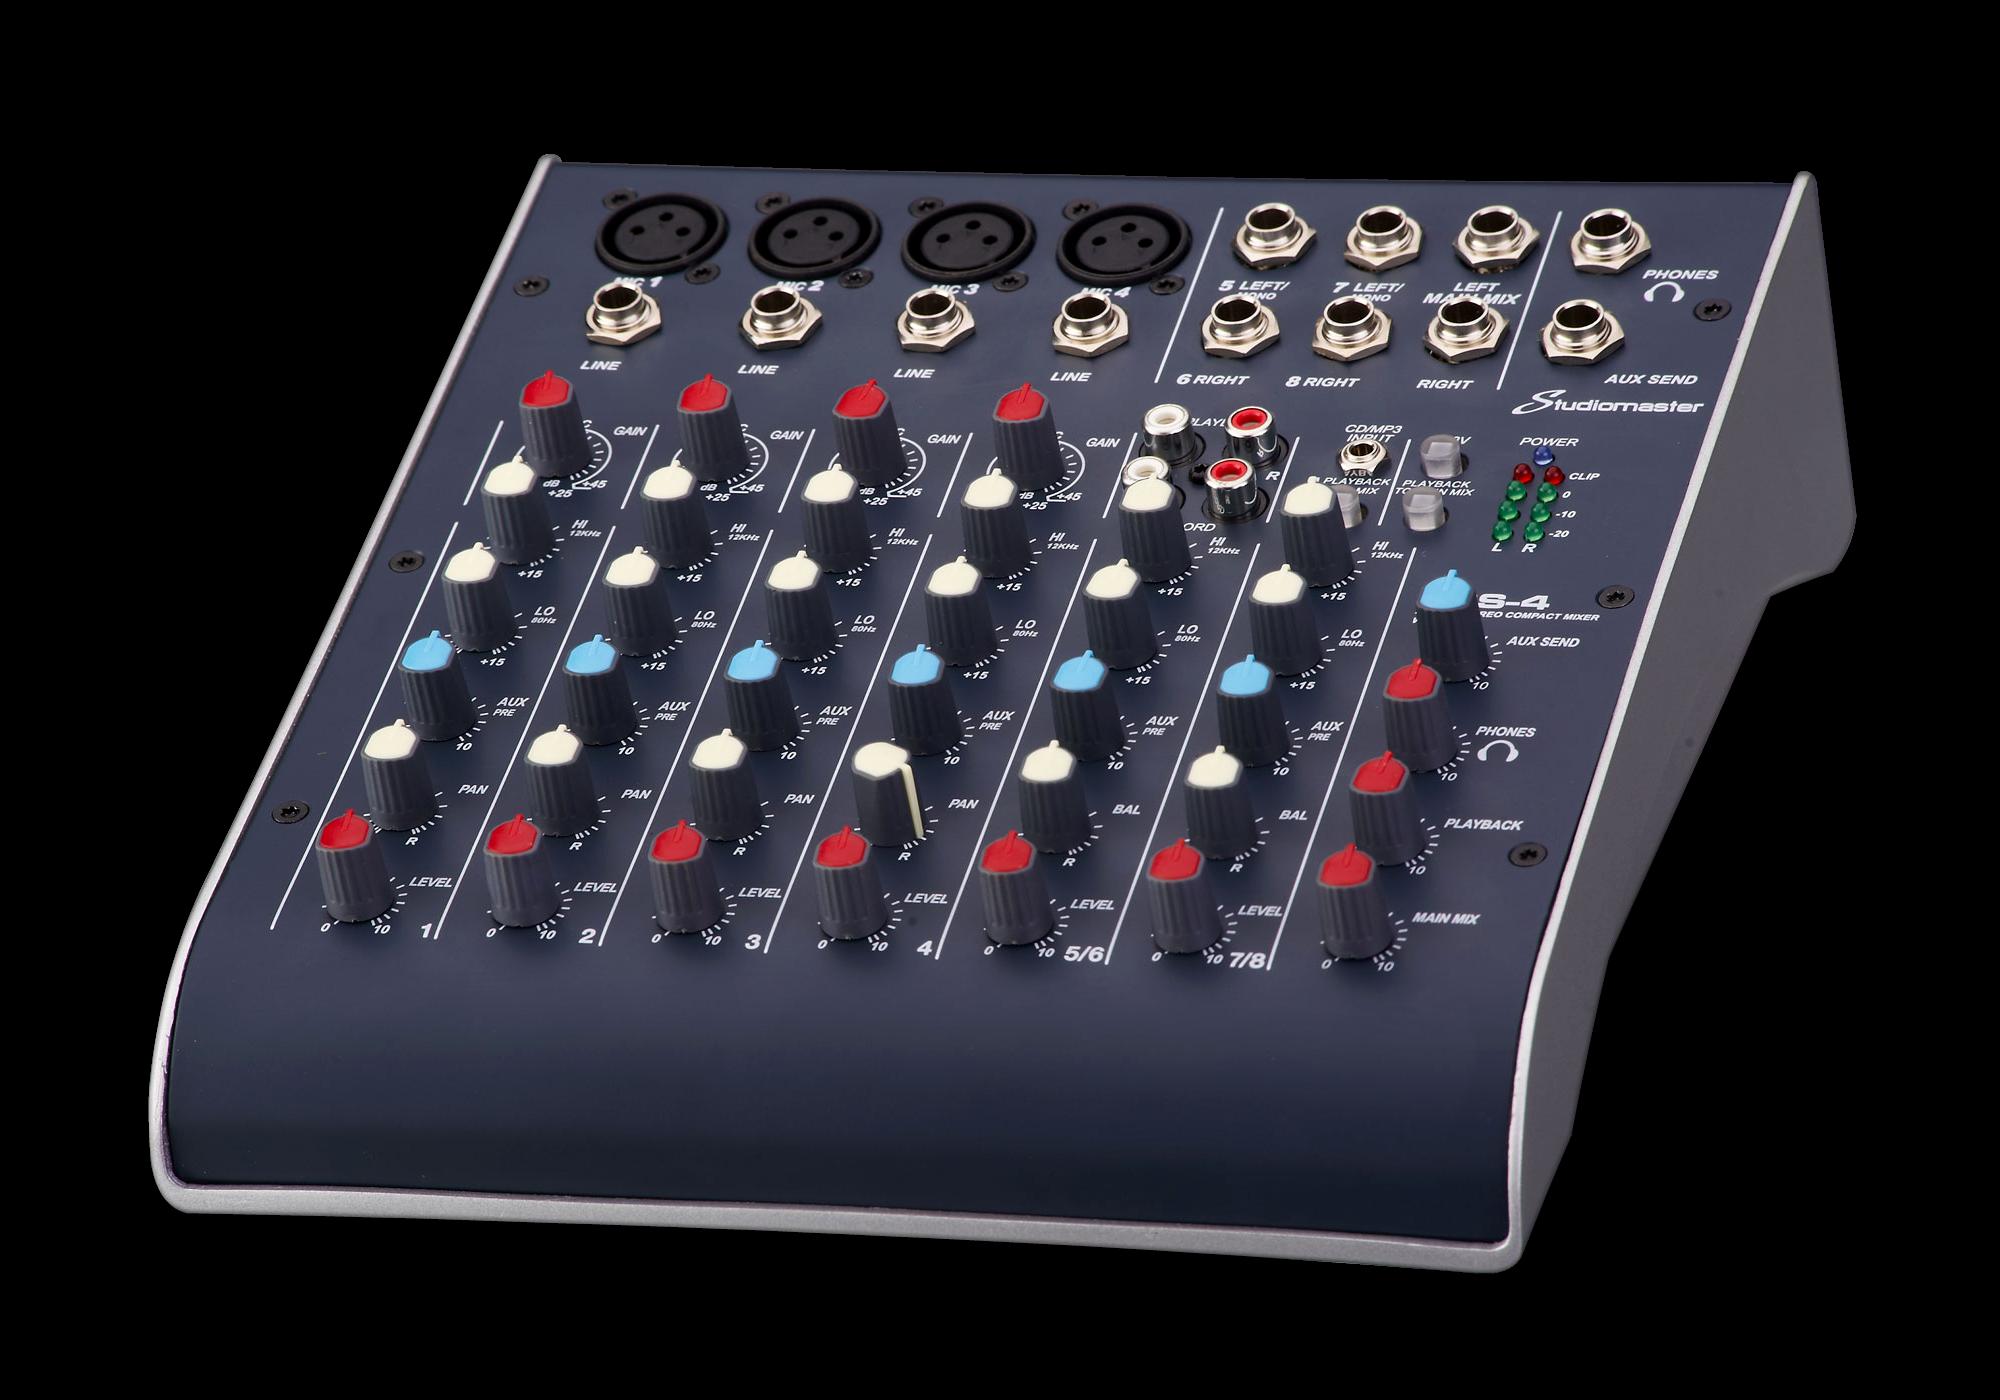 Studiomaster C2-4 C2S-4 mixer